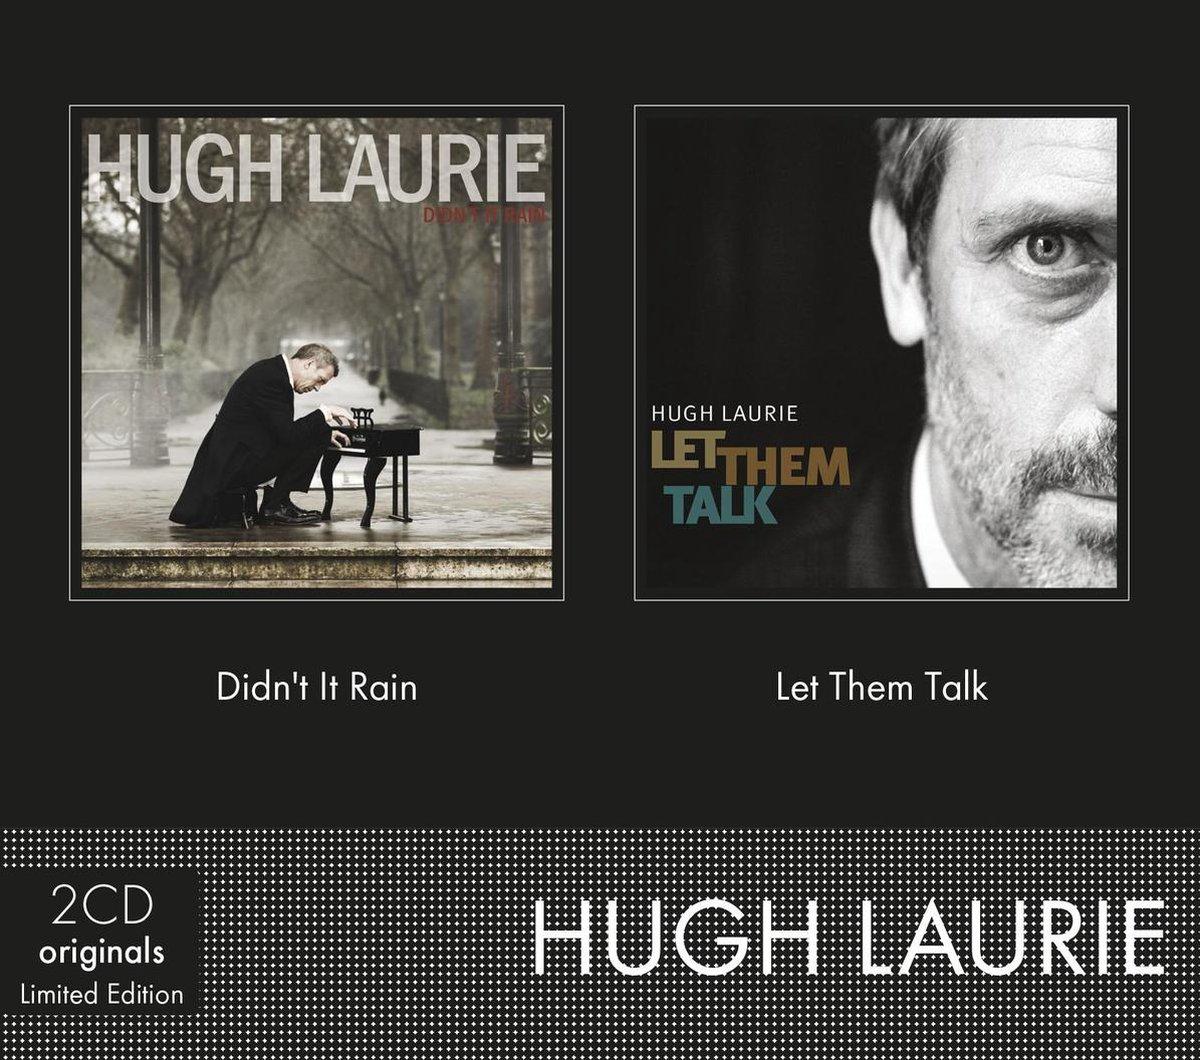 Let Them Talk / Didn't It Rain (Coffret) - Hugh Laurie